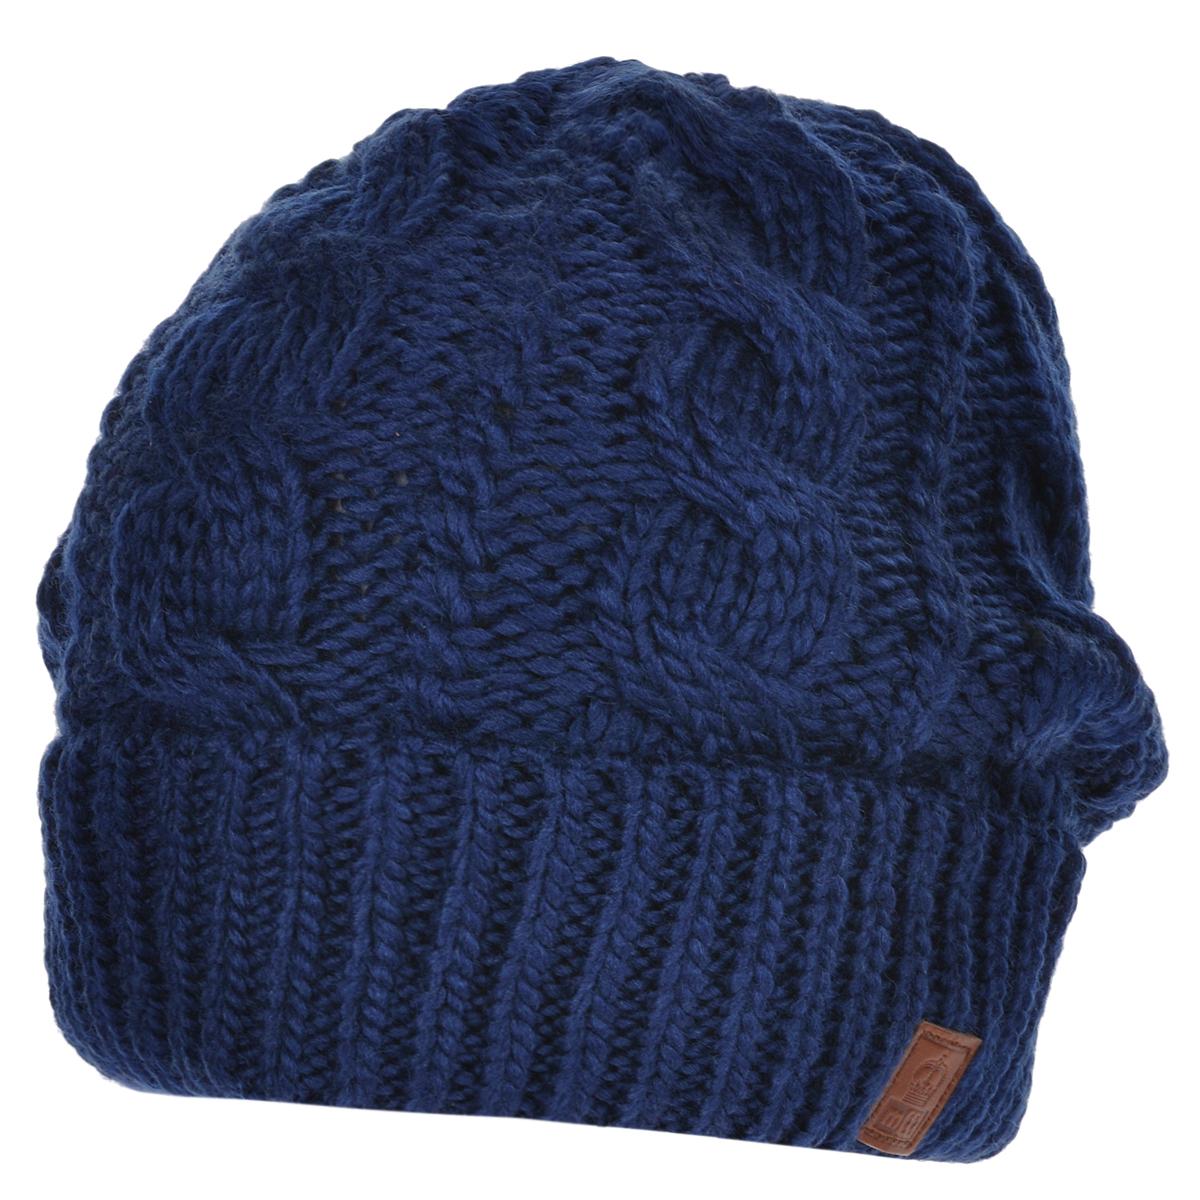 """Шапка мужская. 40944094Мужская вязаная шапка Marhatter выполнена из шерсти и полиакрила. Шапка превосходно сохраняет тепло, мягкая и идеально прилегает к голове. Шапка оформлена вязаным узором """"косы"""" и имеет широкий отворот ."""